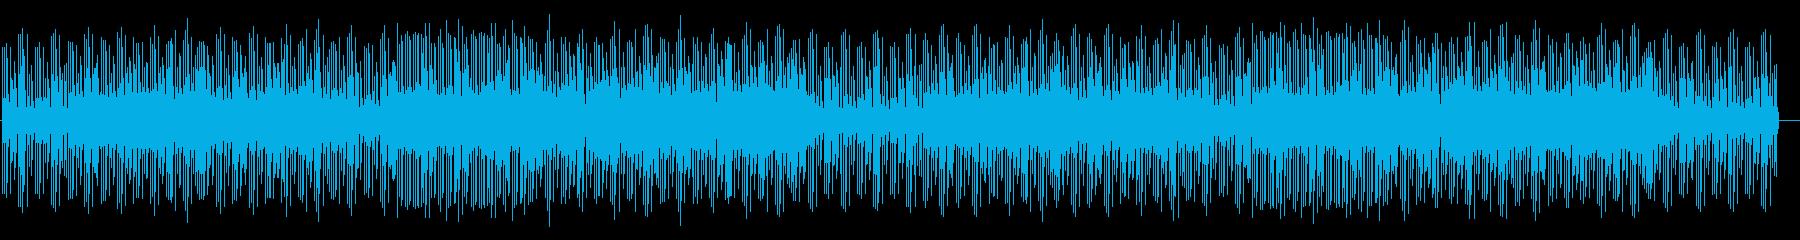 オセロで遊んでいる時のBGMの再生済みの波形